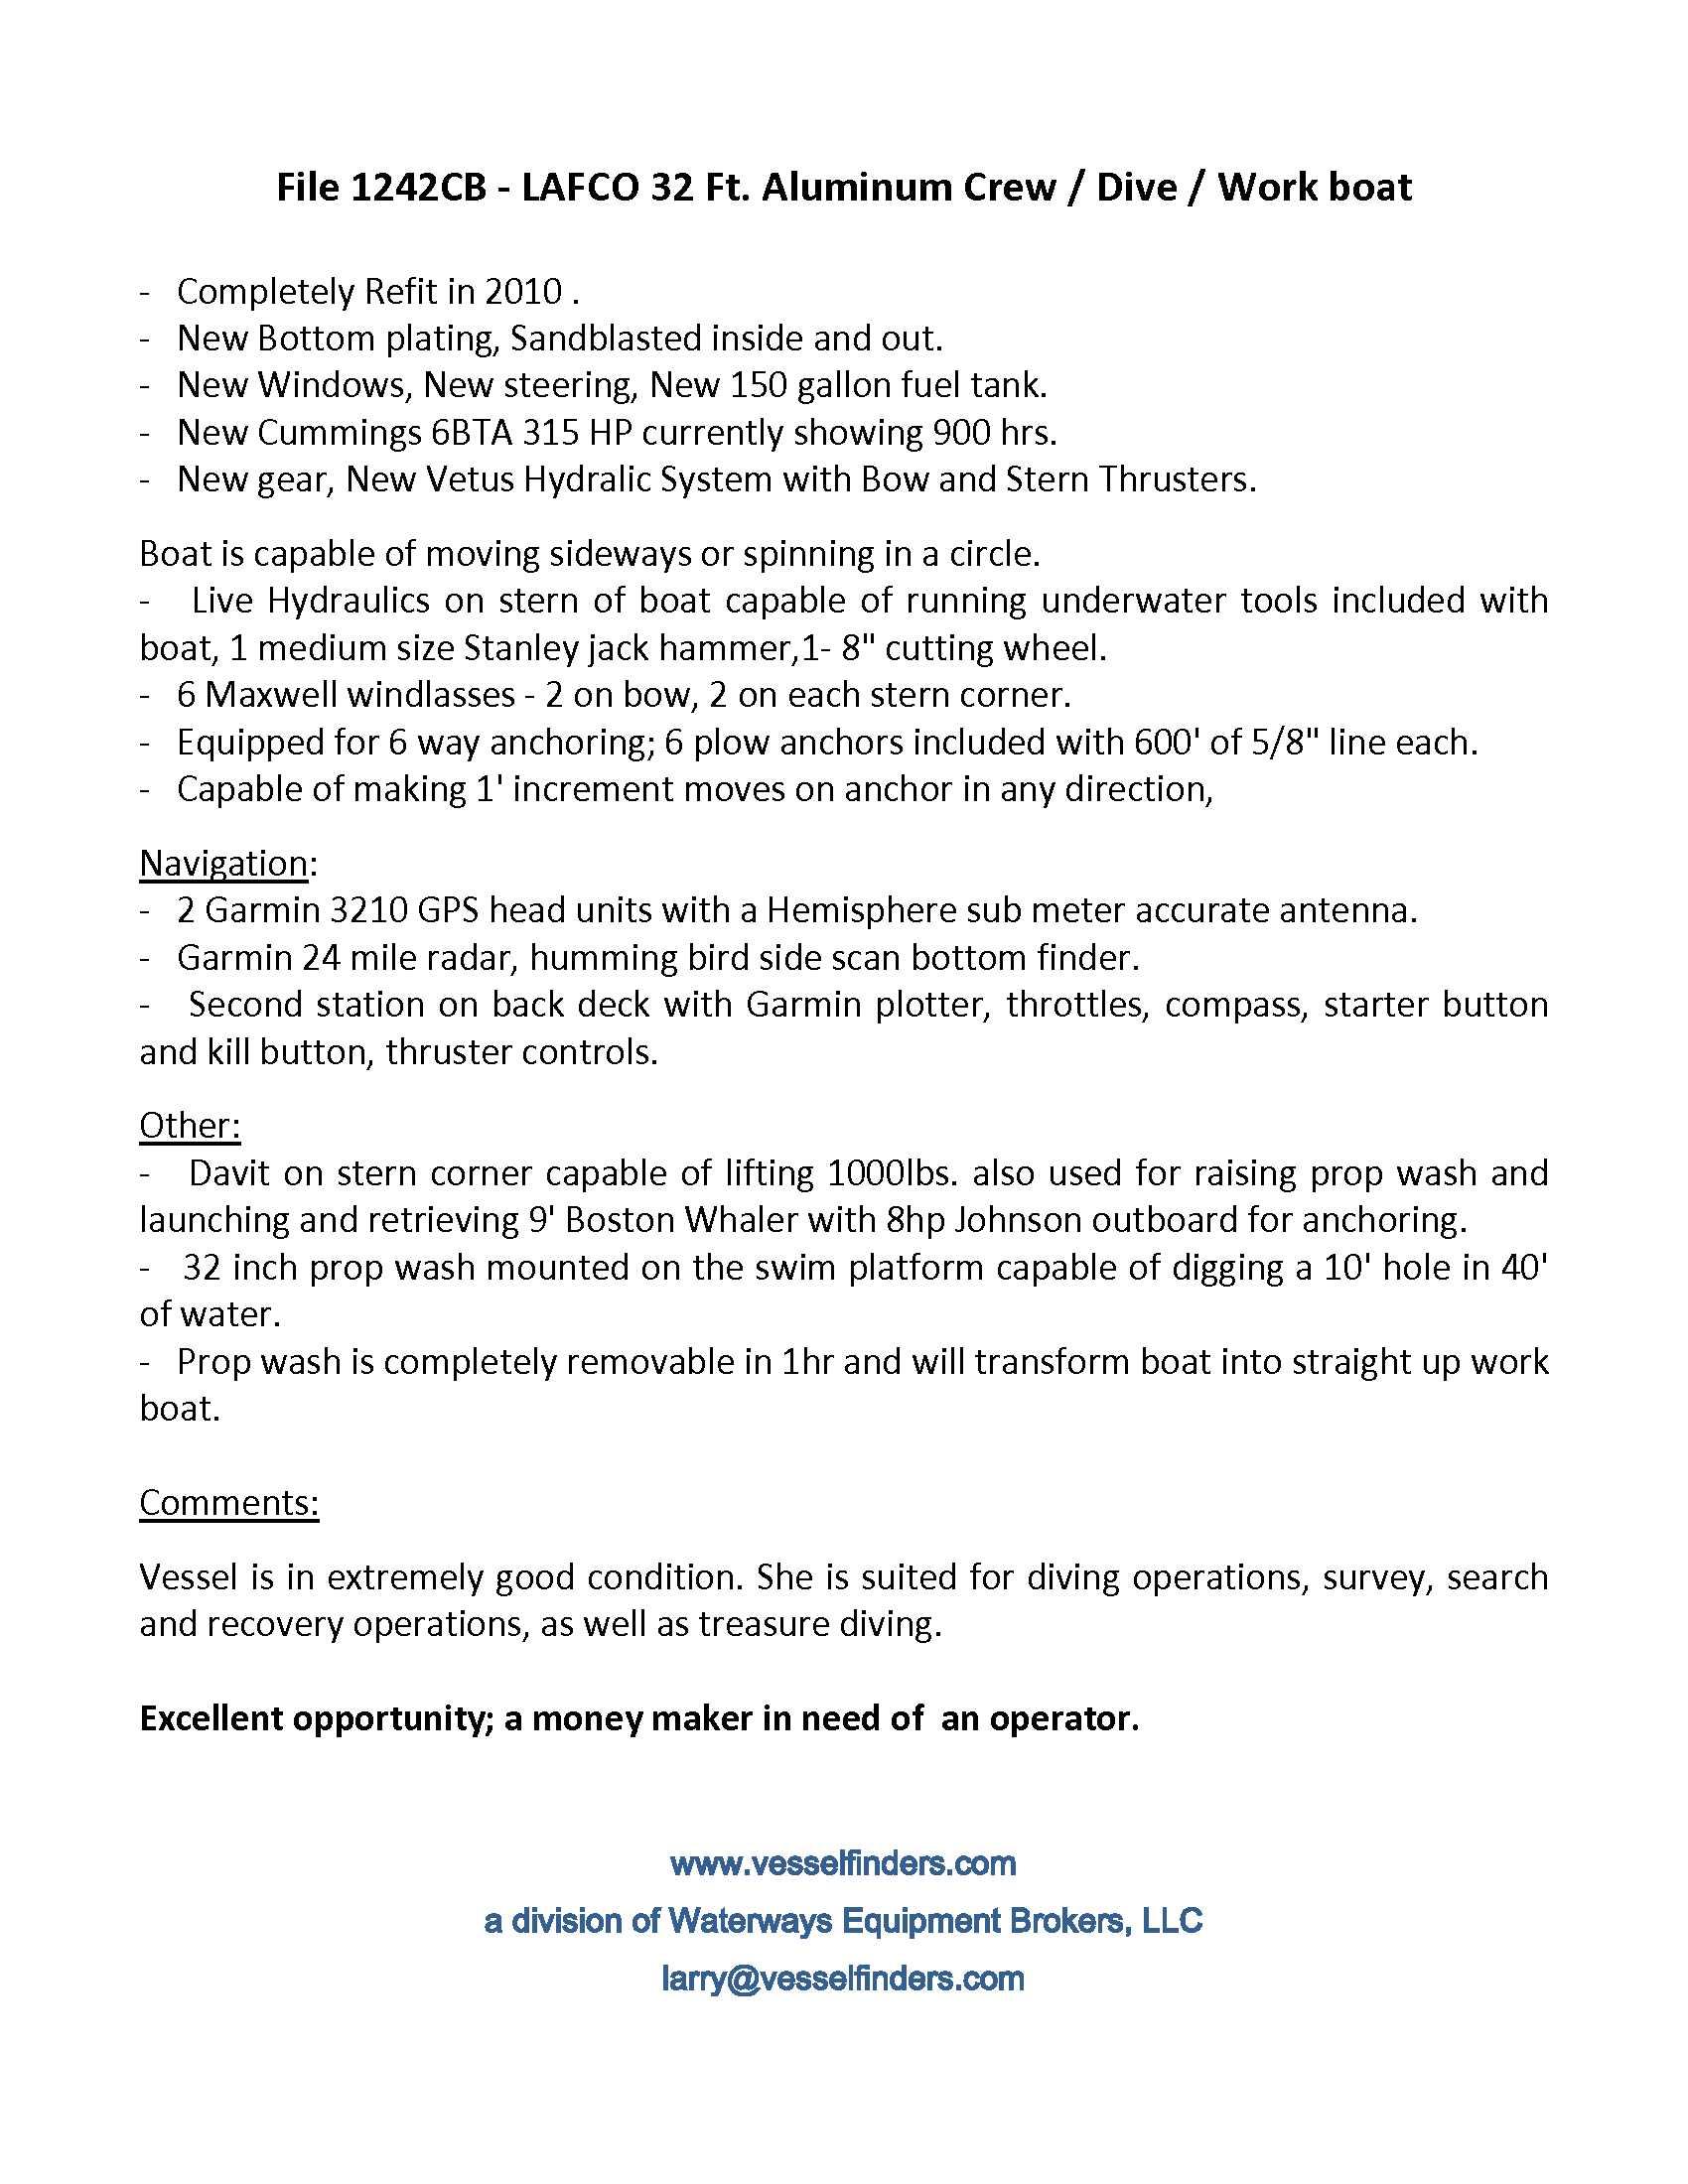 1242CB Vessel Information